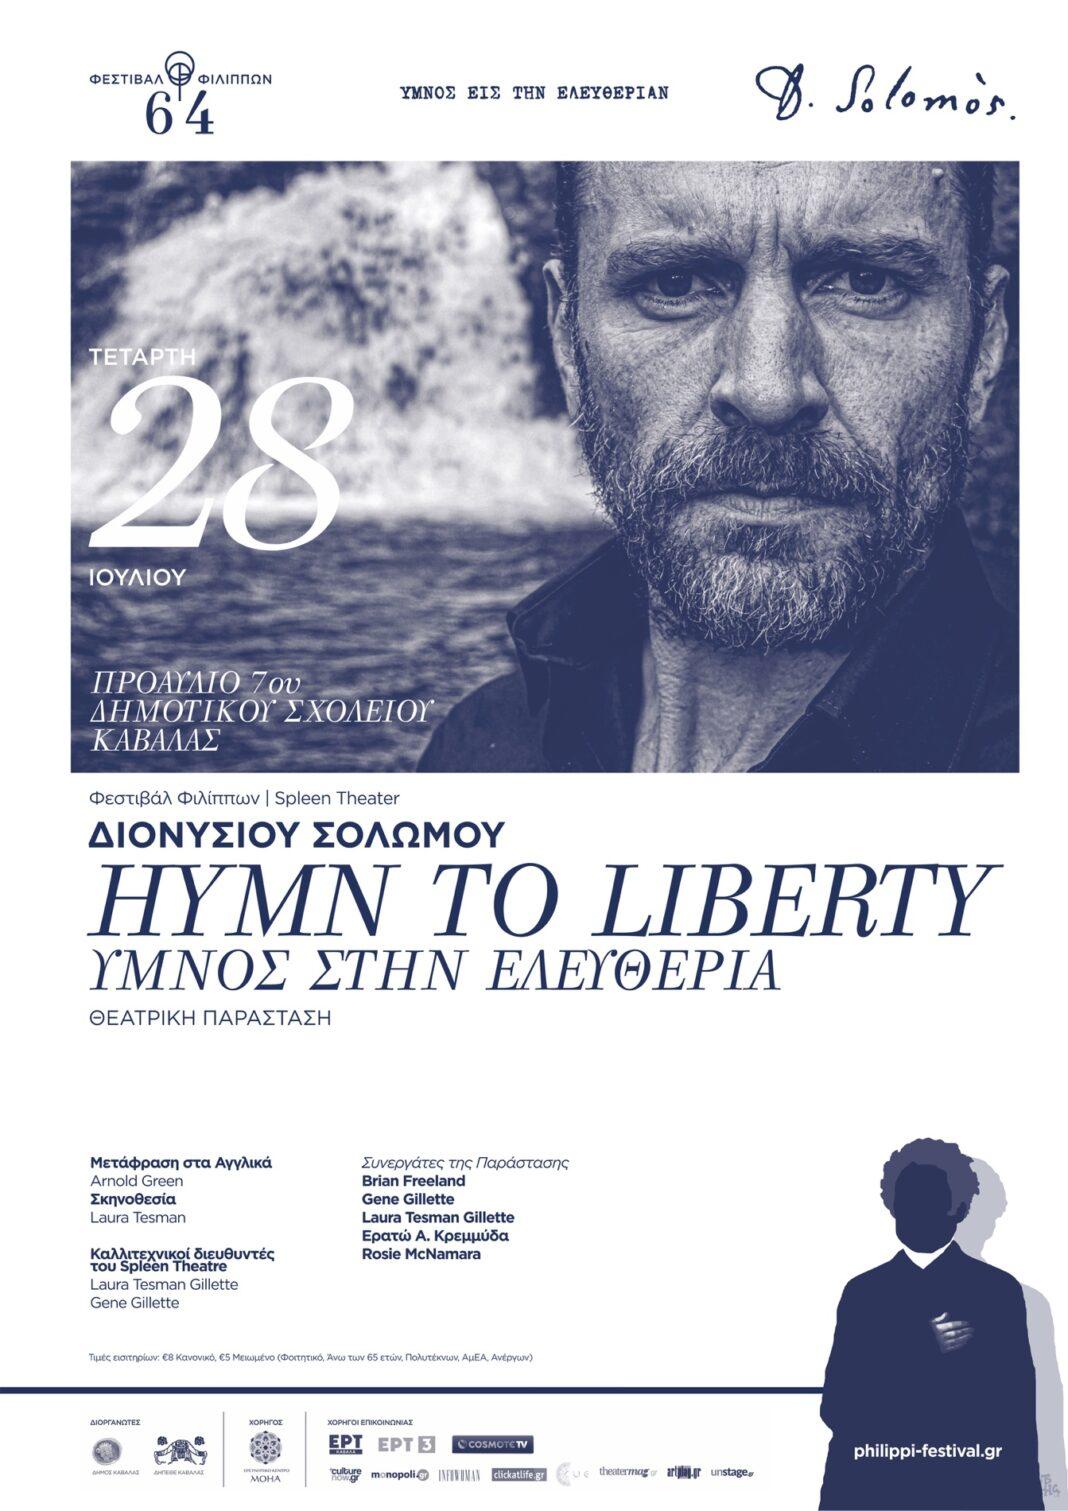 «hymn-to-liberty»-του-Διονυσίου-Σολωμού-Μετάφραση-στα-Αγγλικά-από-τον-arnold-green-Παραγωγή:-Φεστιβάλ-Φιλίππων-–-spleen-theatre